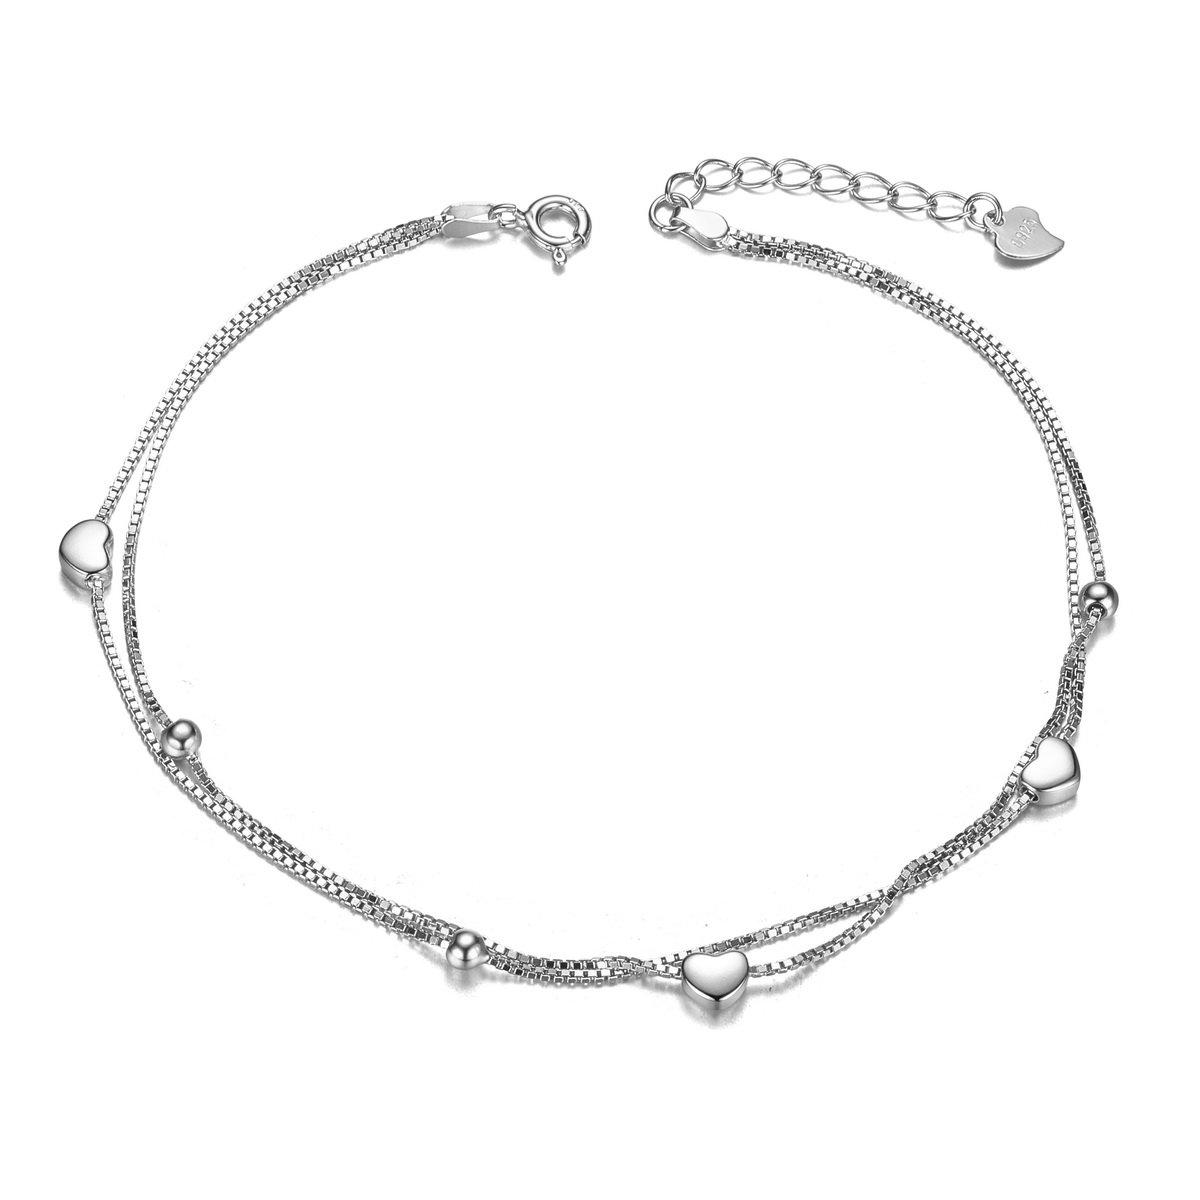 Platine 210mm Doubles Chaines avec Coeurs et Petites Perles SWEETIEE-Bracelet de Cheville en 925 Argent